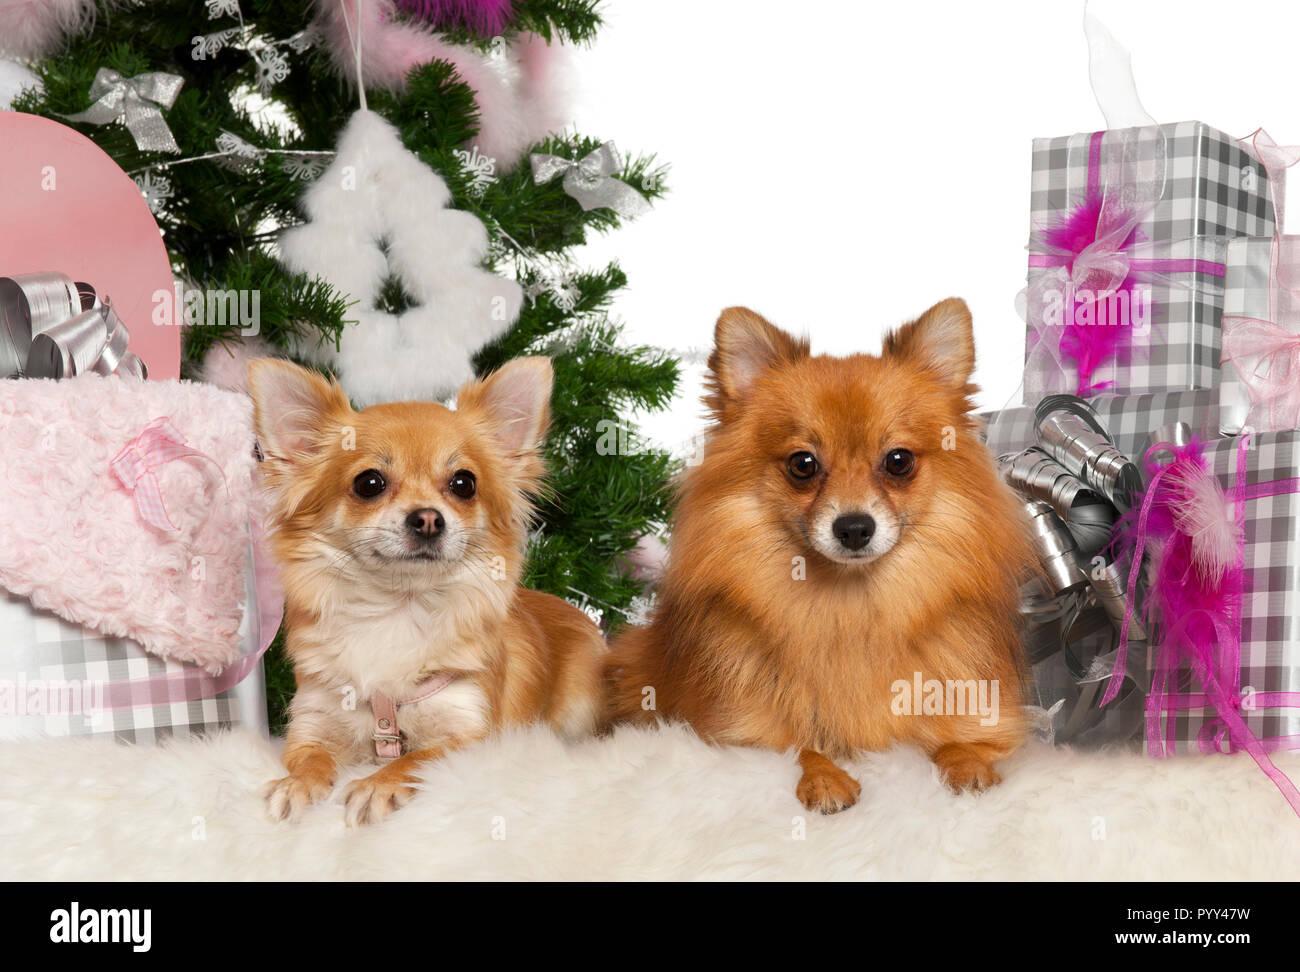 Regali Di Natale 3 Anni.Chihuahua 3 Anni Con Pomerania 2 Anni Con Albero Di Natale E